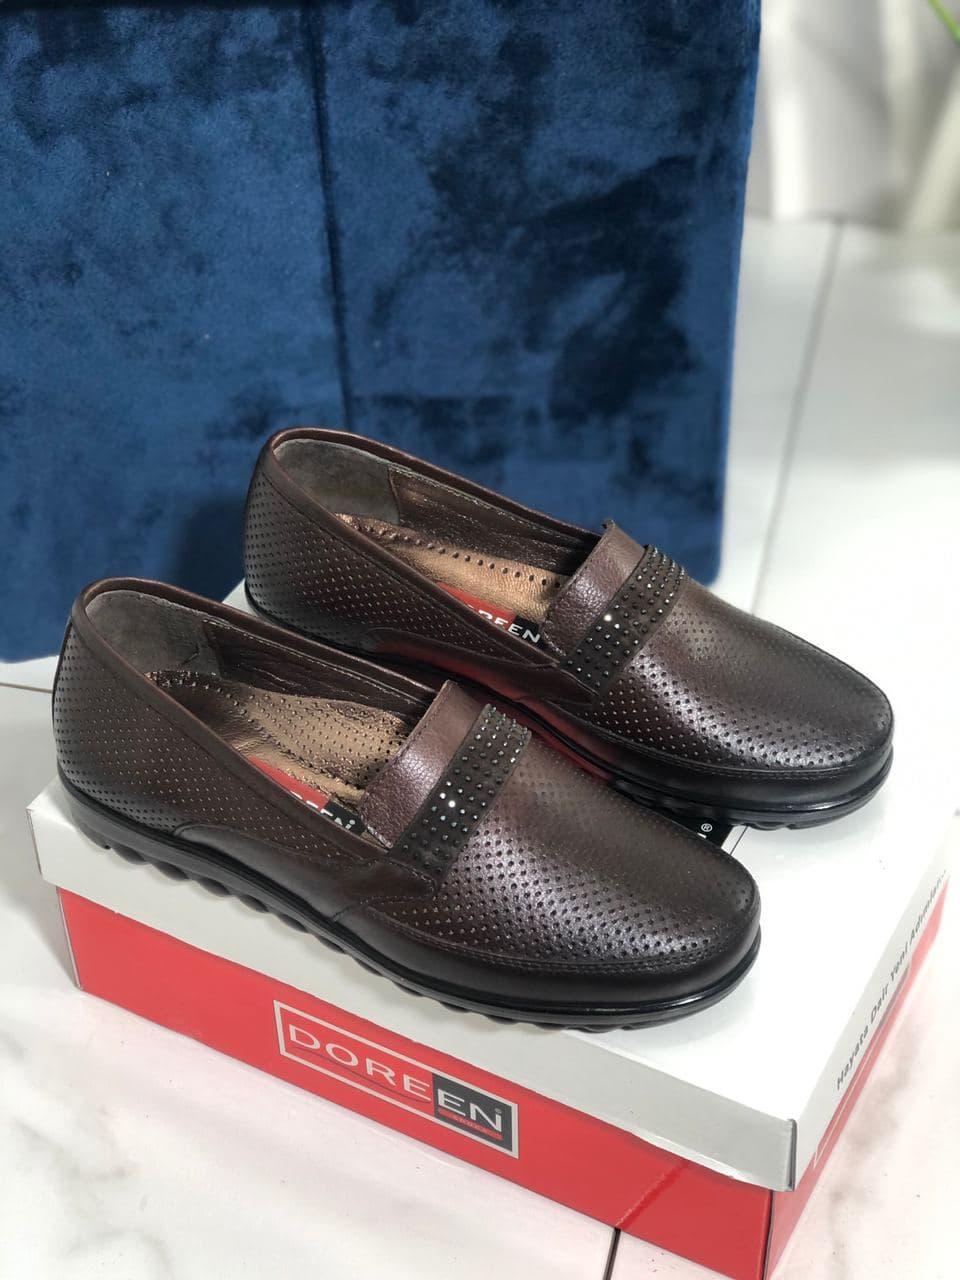 Туфлі жіночі коричневі Doren 20156-005-kahve